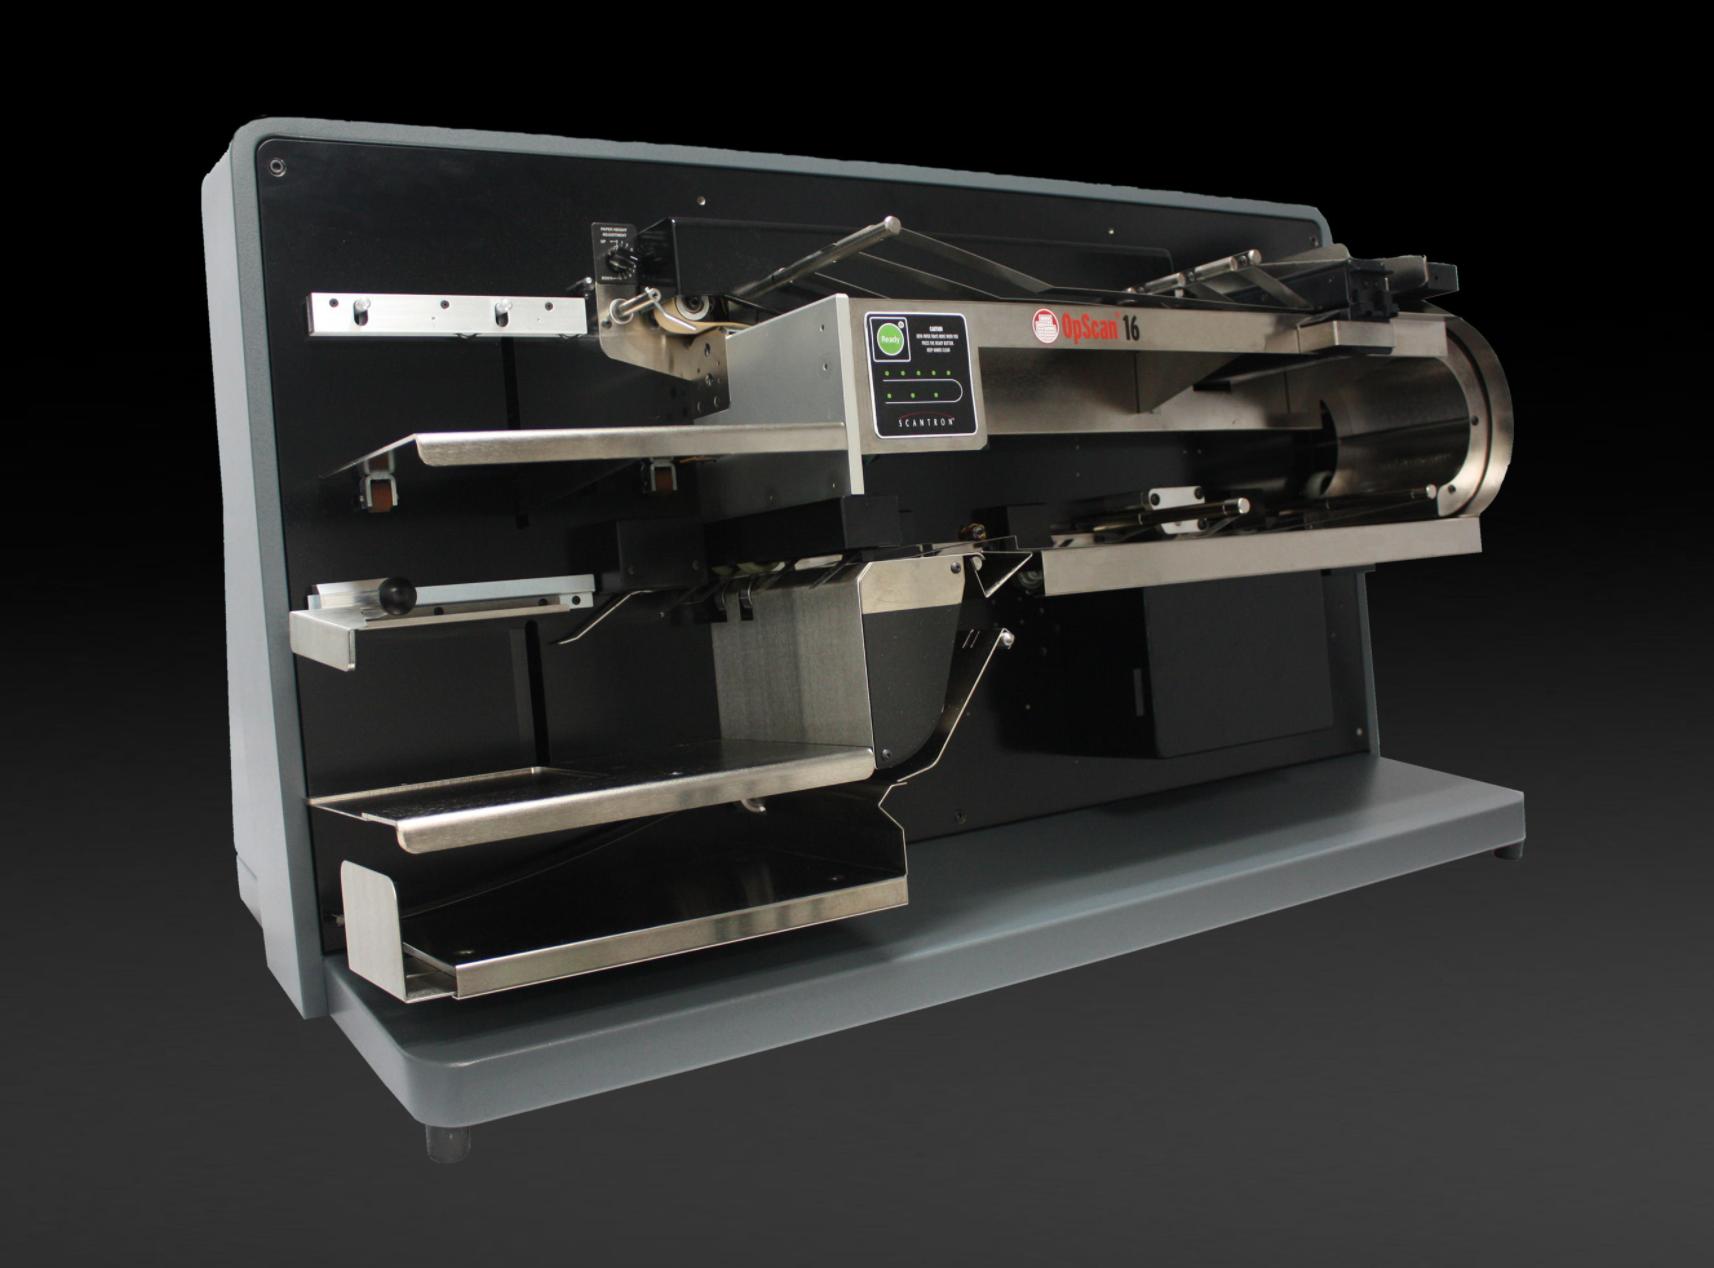 Escáner Opscan 16